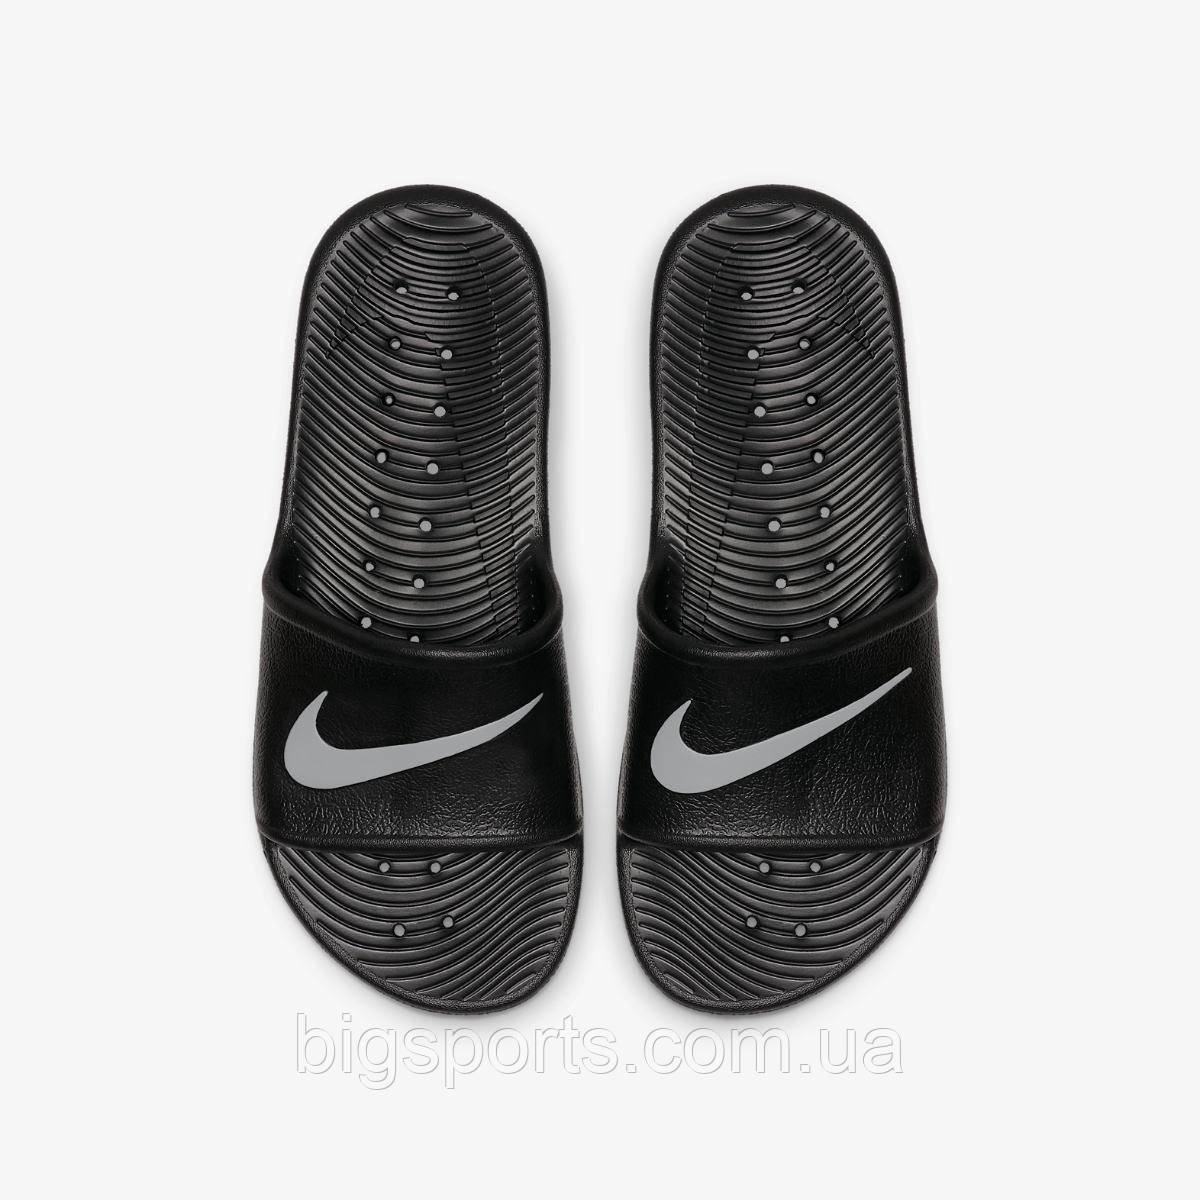 Тапки жен. Nike Wmns Kawa Shower (арт. 832655-003)